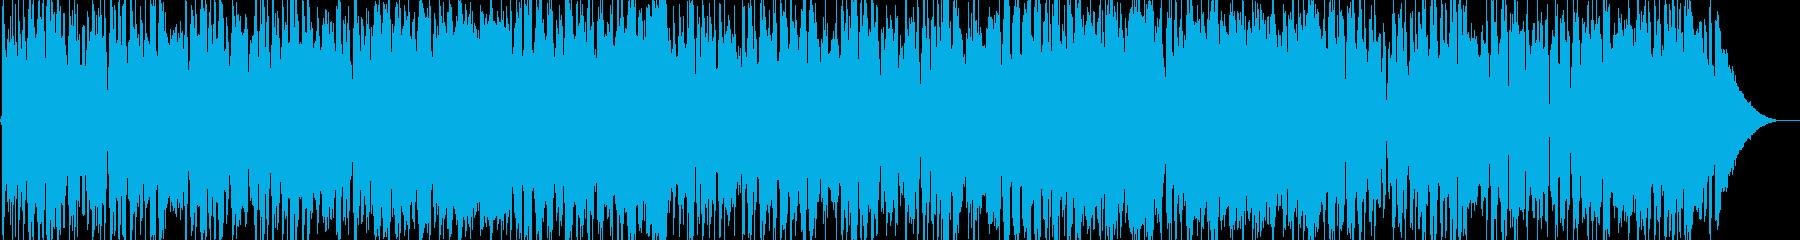 【ほのぼの/のんびり/ほんわか】ポップの再生済みの波形